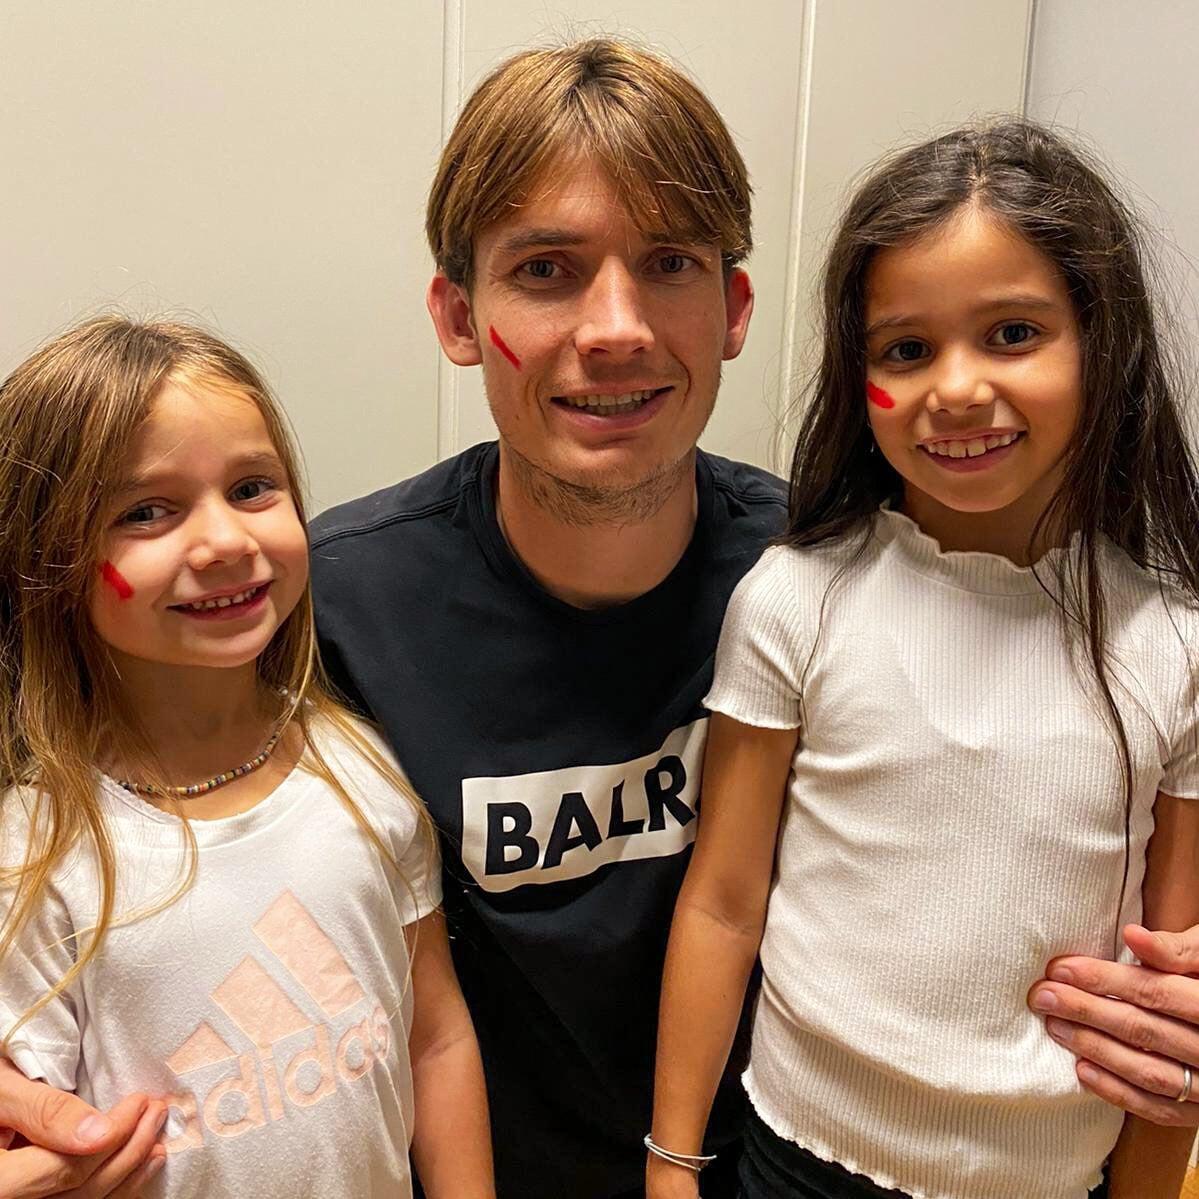 На лицах игроков и тренеров Серии А – красные полосы. Лига продолжает говорить о проблеме насилия по отношению к женщинам